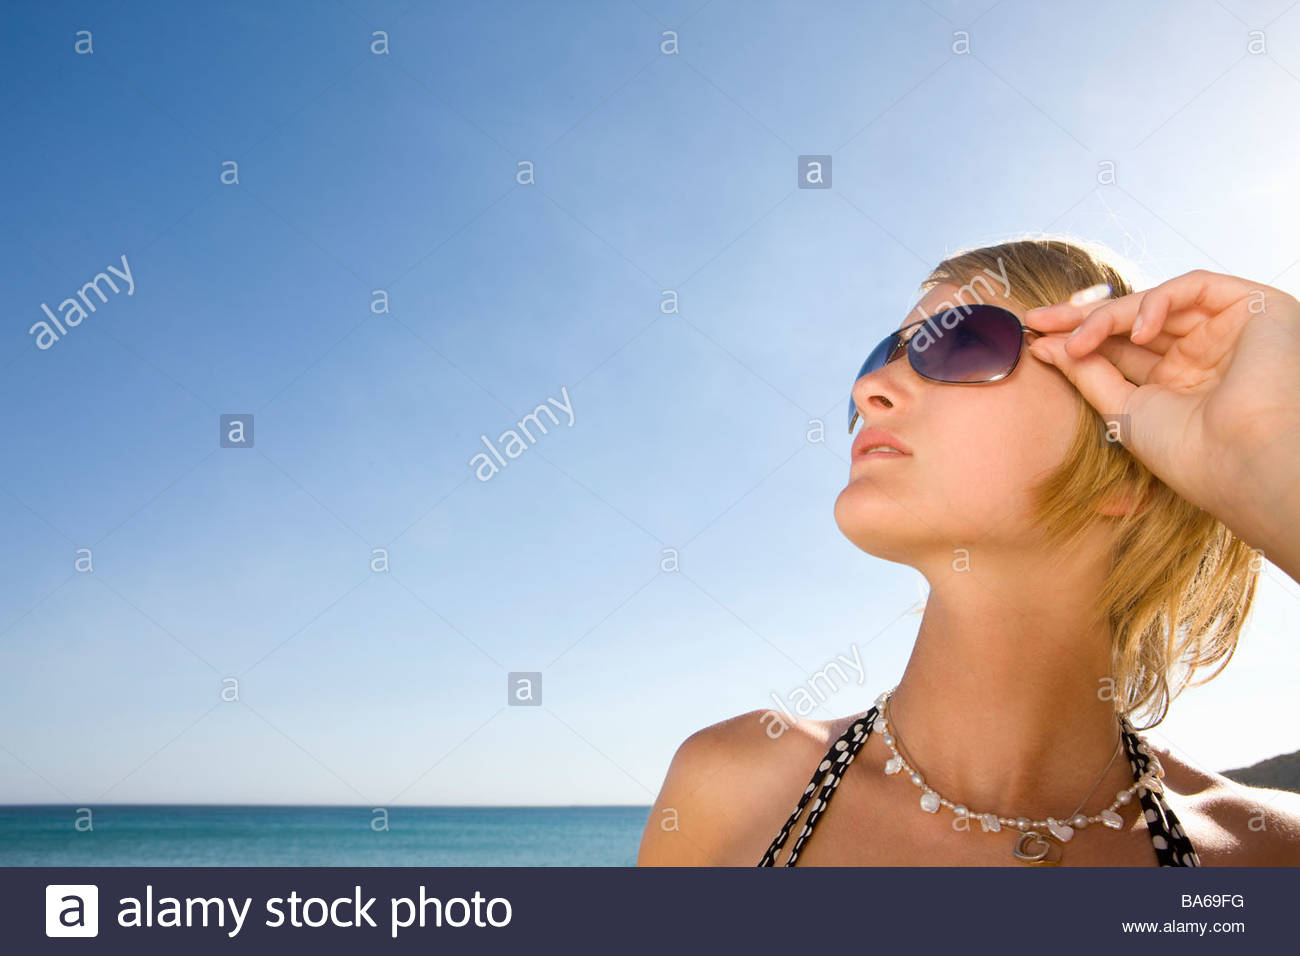 Stylish teenage girl posing on beach - Stock Image